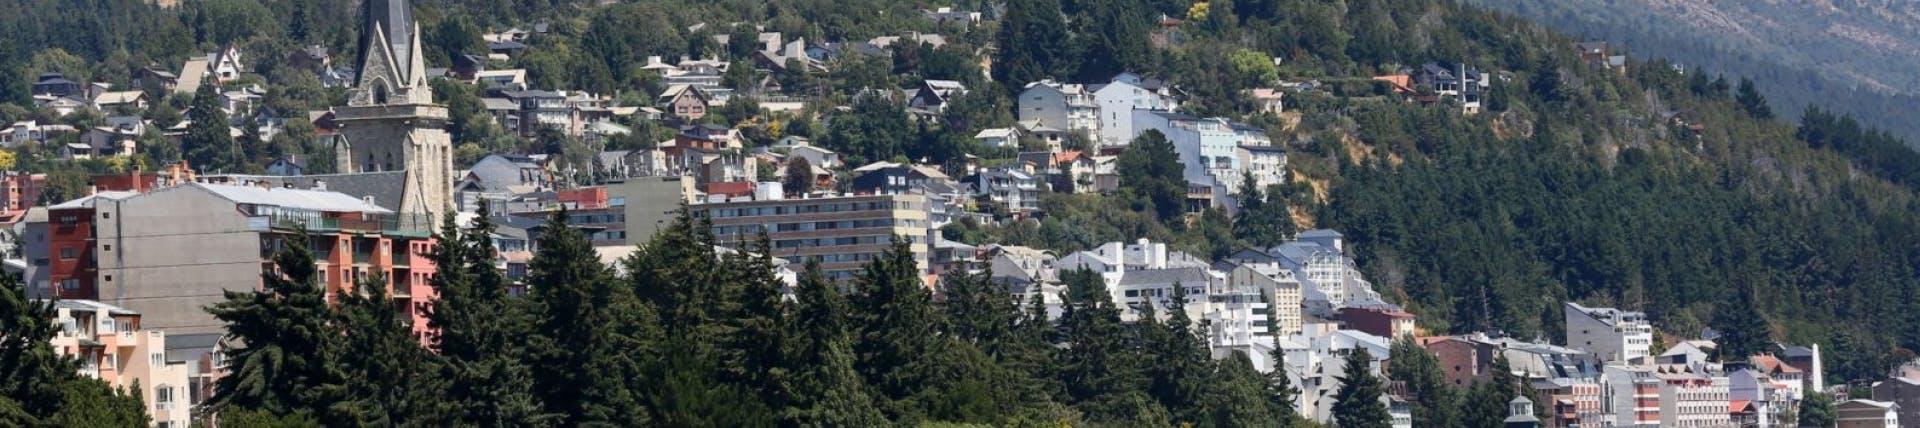 Picture of Bariloche